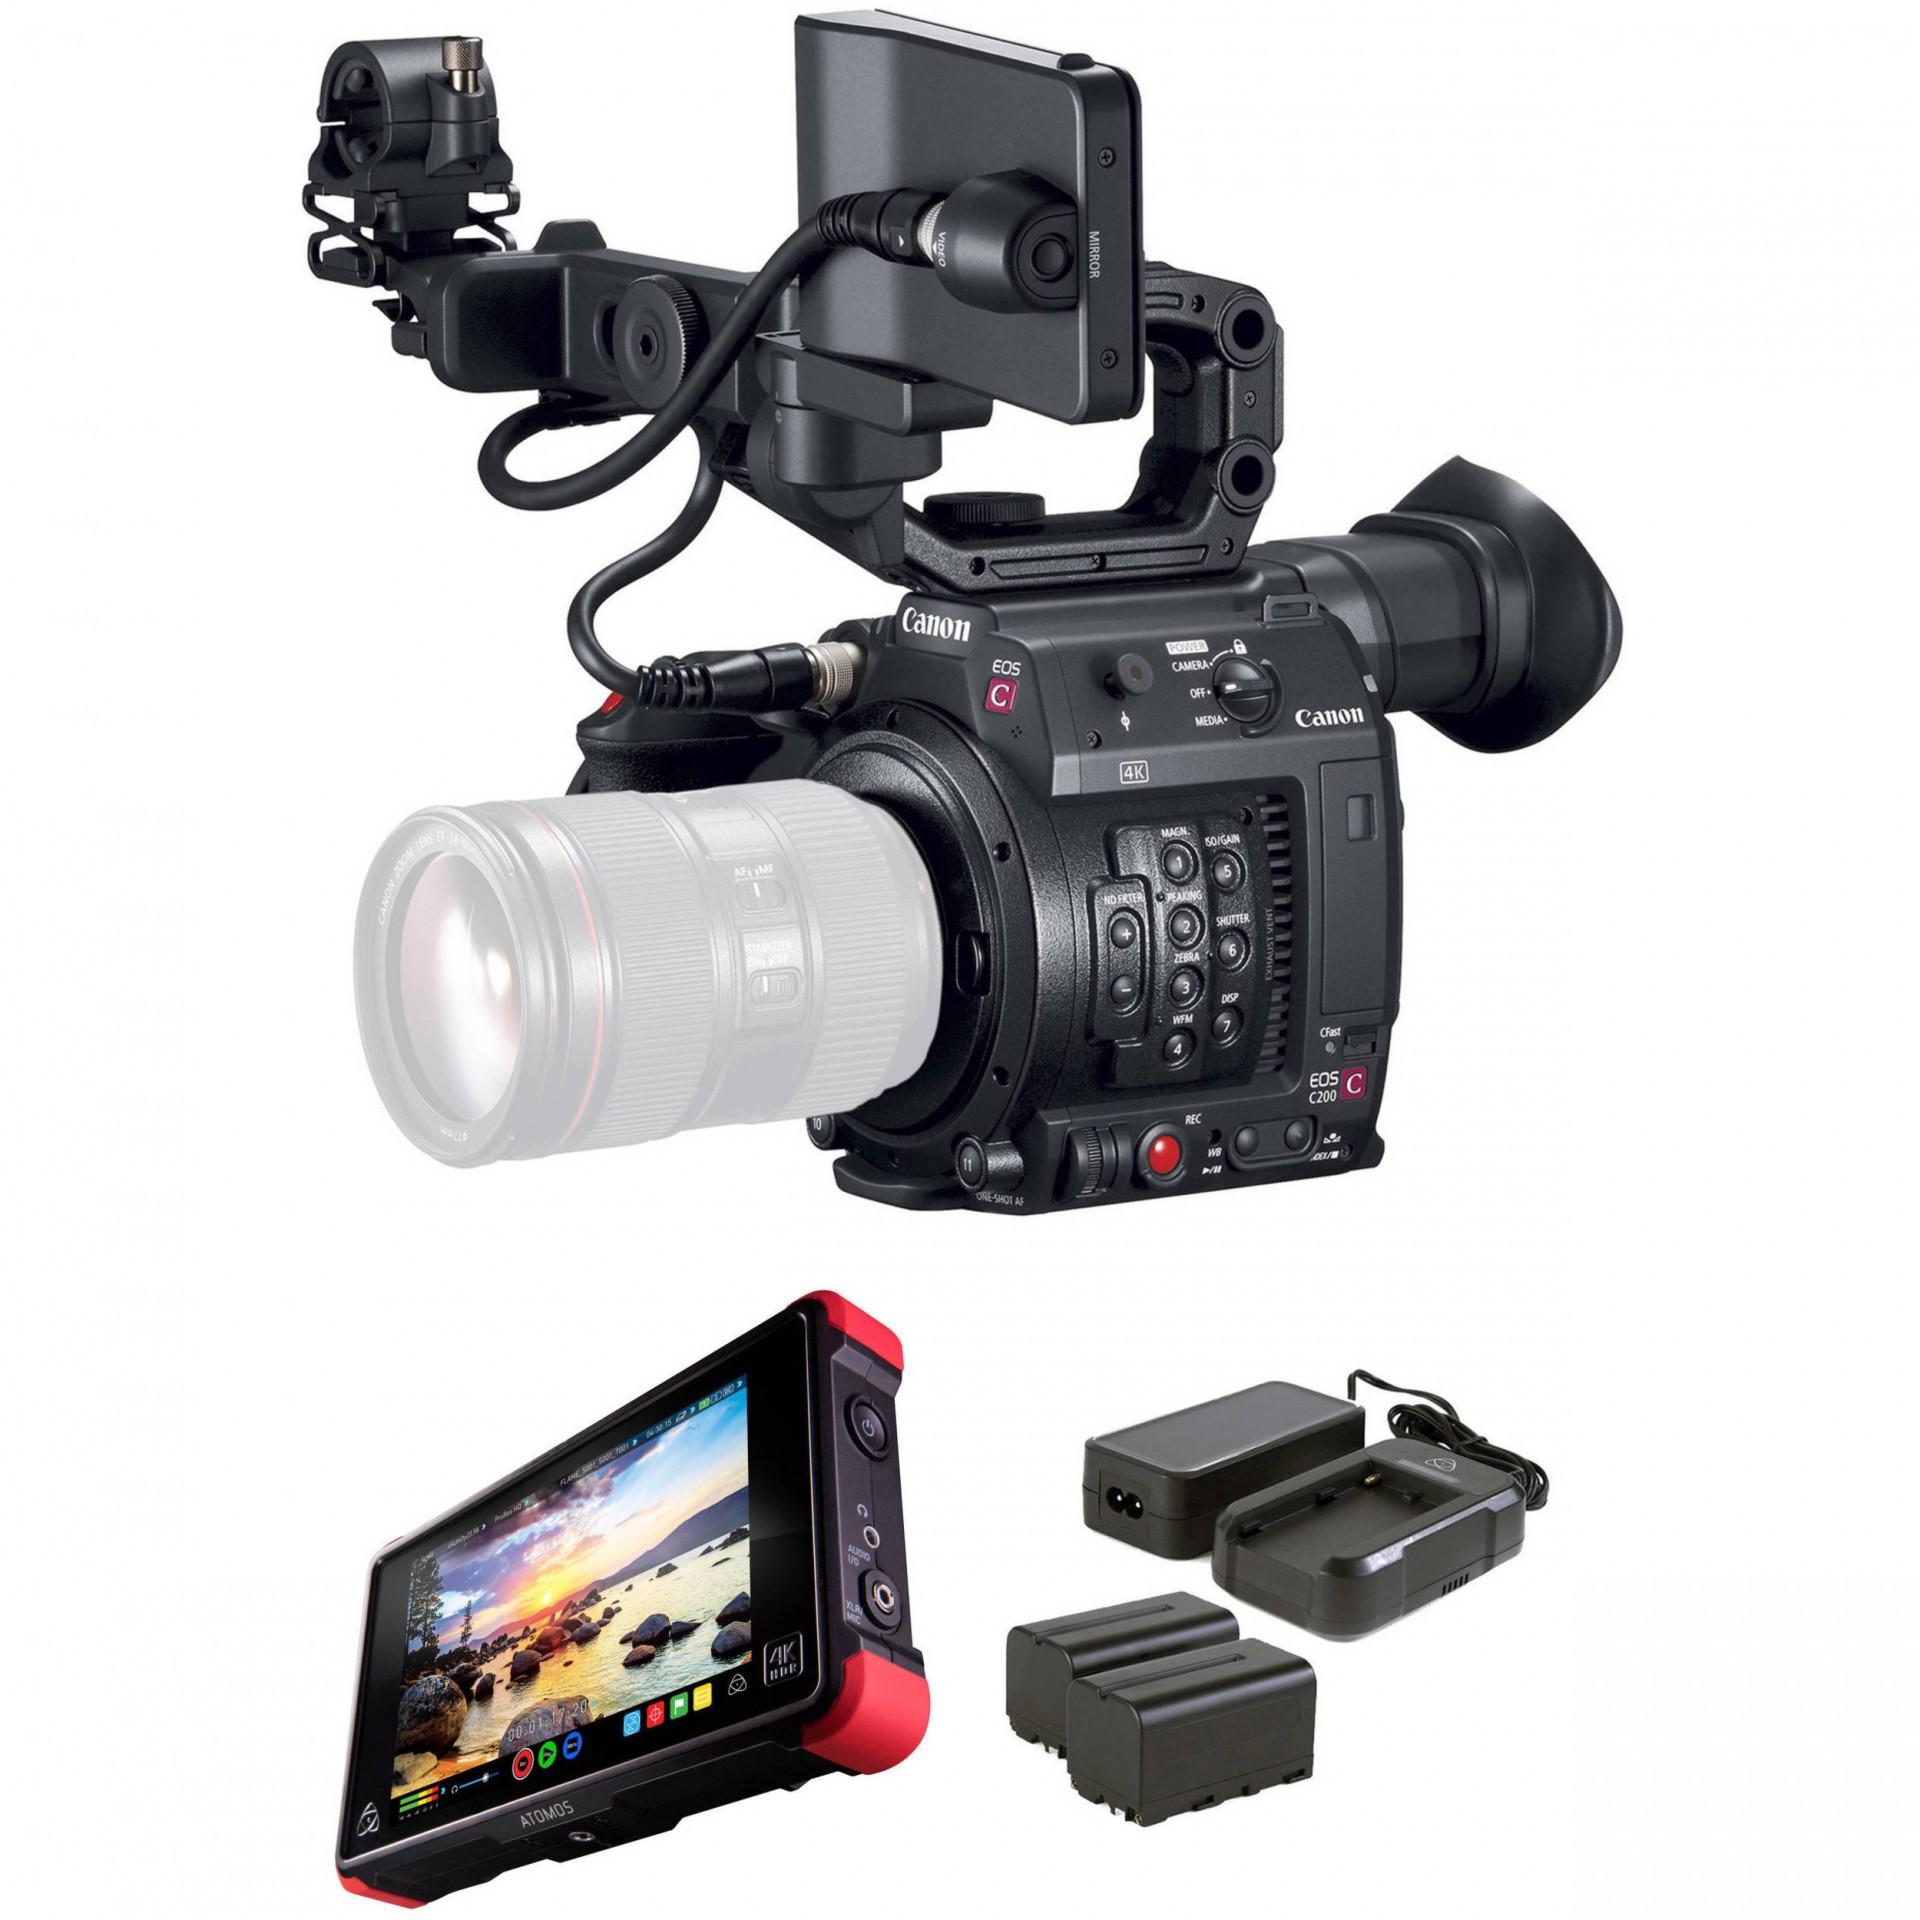 EOS C200 + Gravador Ninja V+ Atomos Powerkit+ Atomos Full HDMI Cable